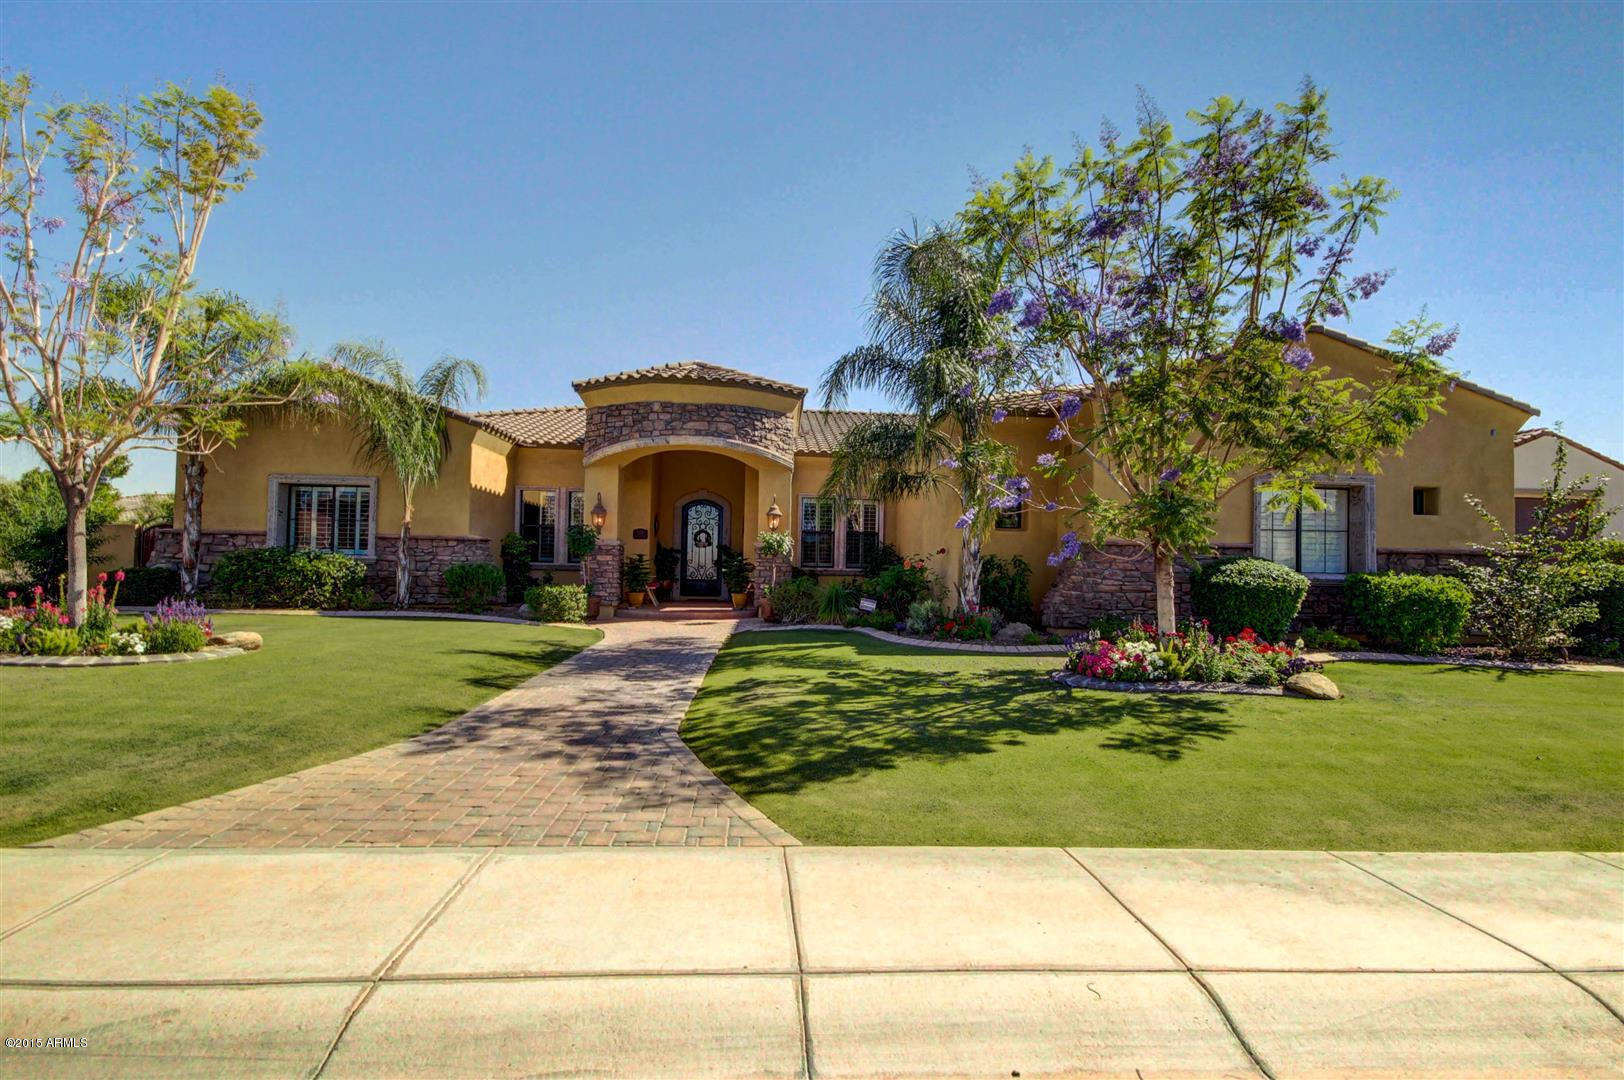 7113 E Ingram  Street  Mesa AZ 85207